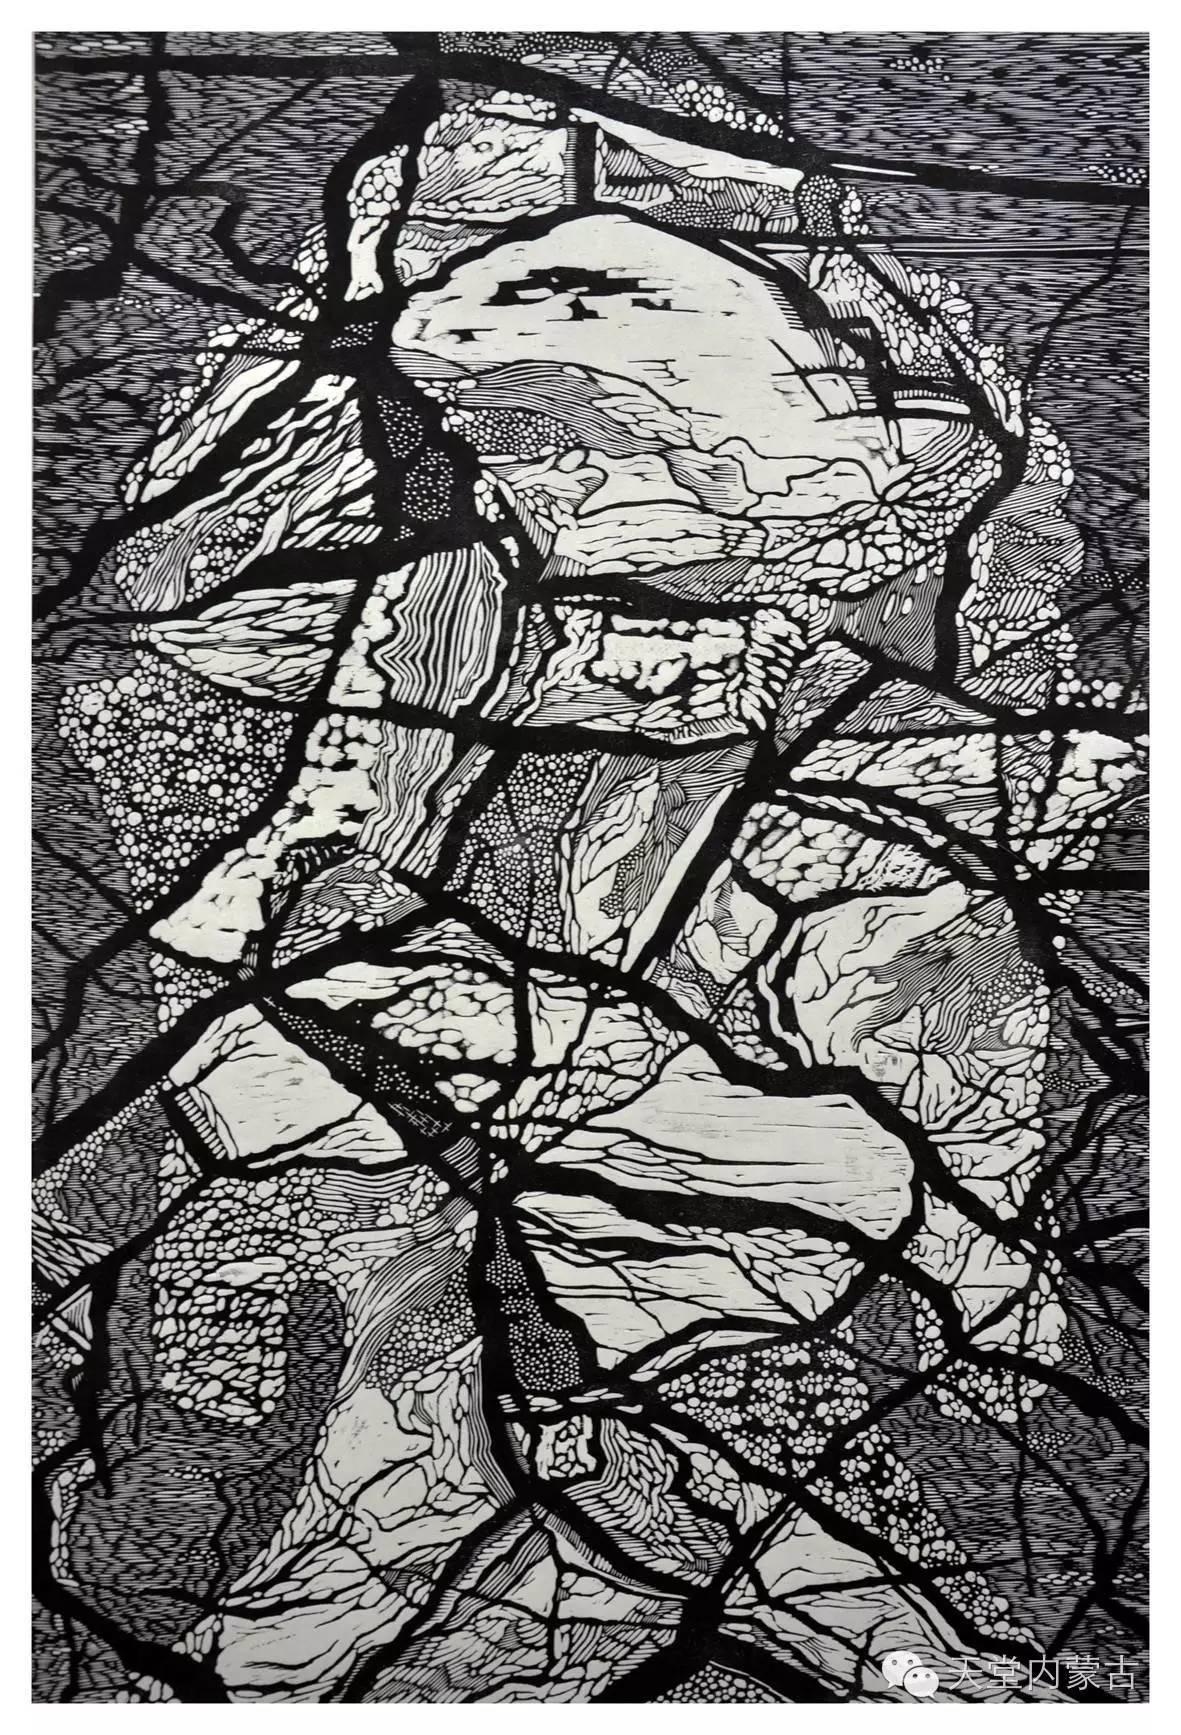 🔴内蒙古青年画家前德门作品 第10张 🔴内蒙古青年画家前德门作品 蒙古画廊